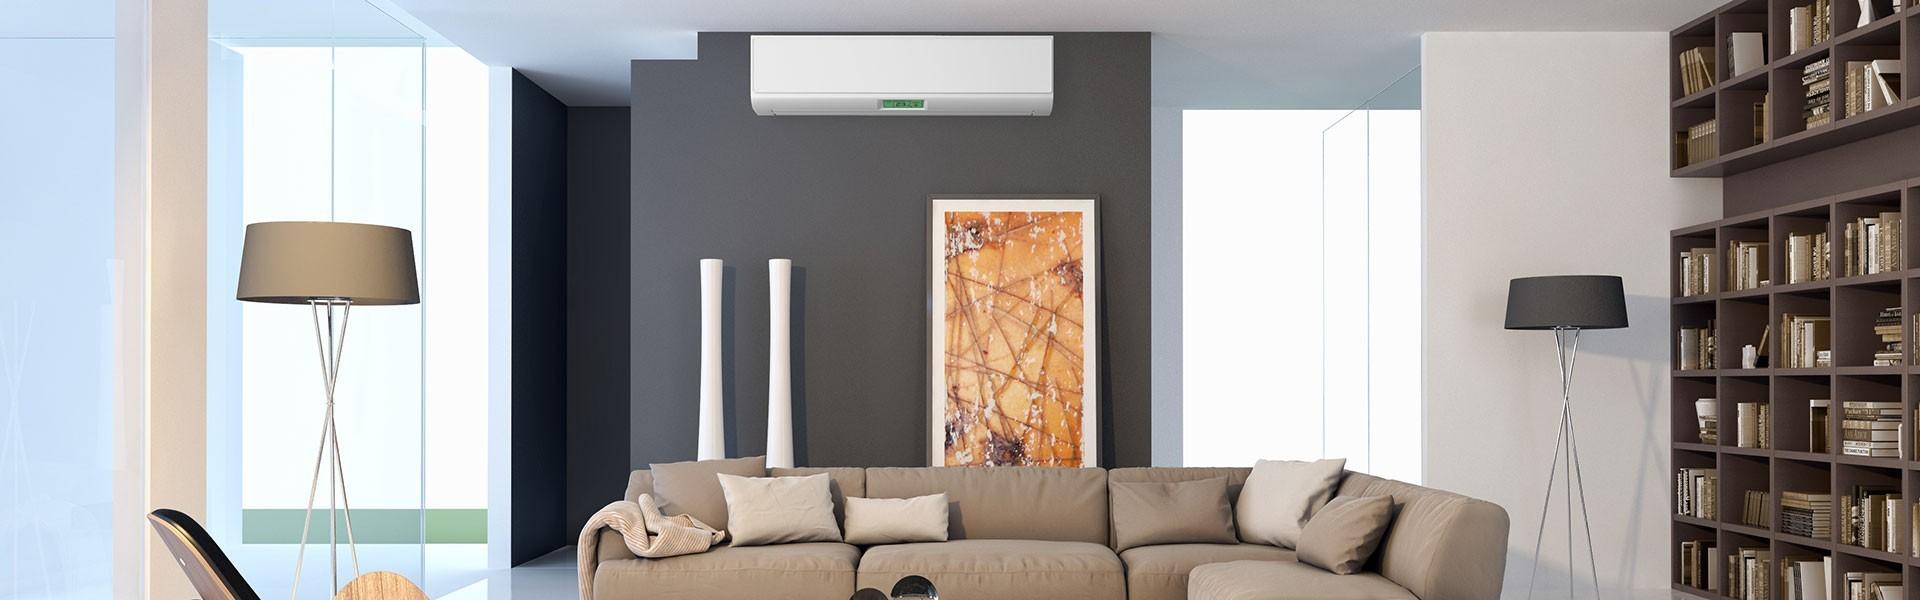 klimaanlagen und klimatechnik aus graz steiermark. Black Bedroom Furniture Sets. Home Design Ideas